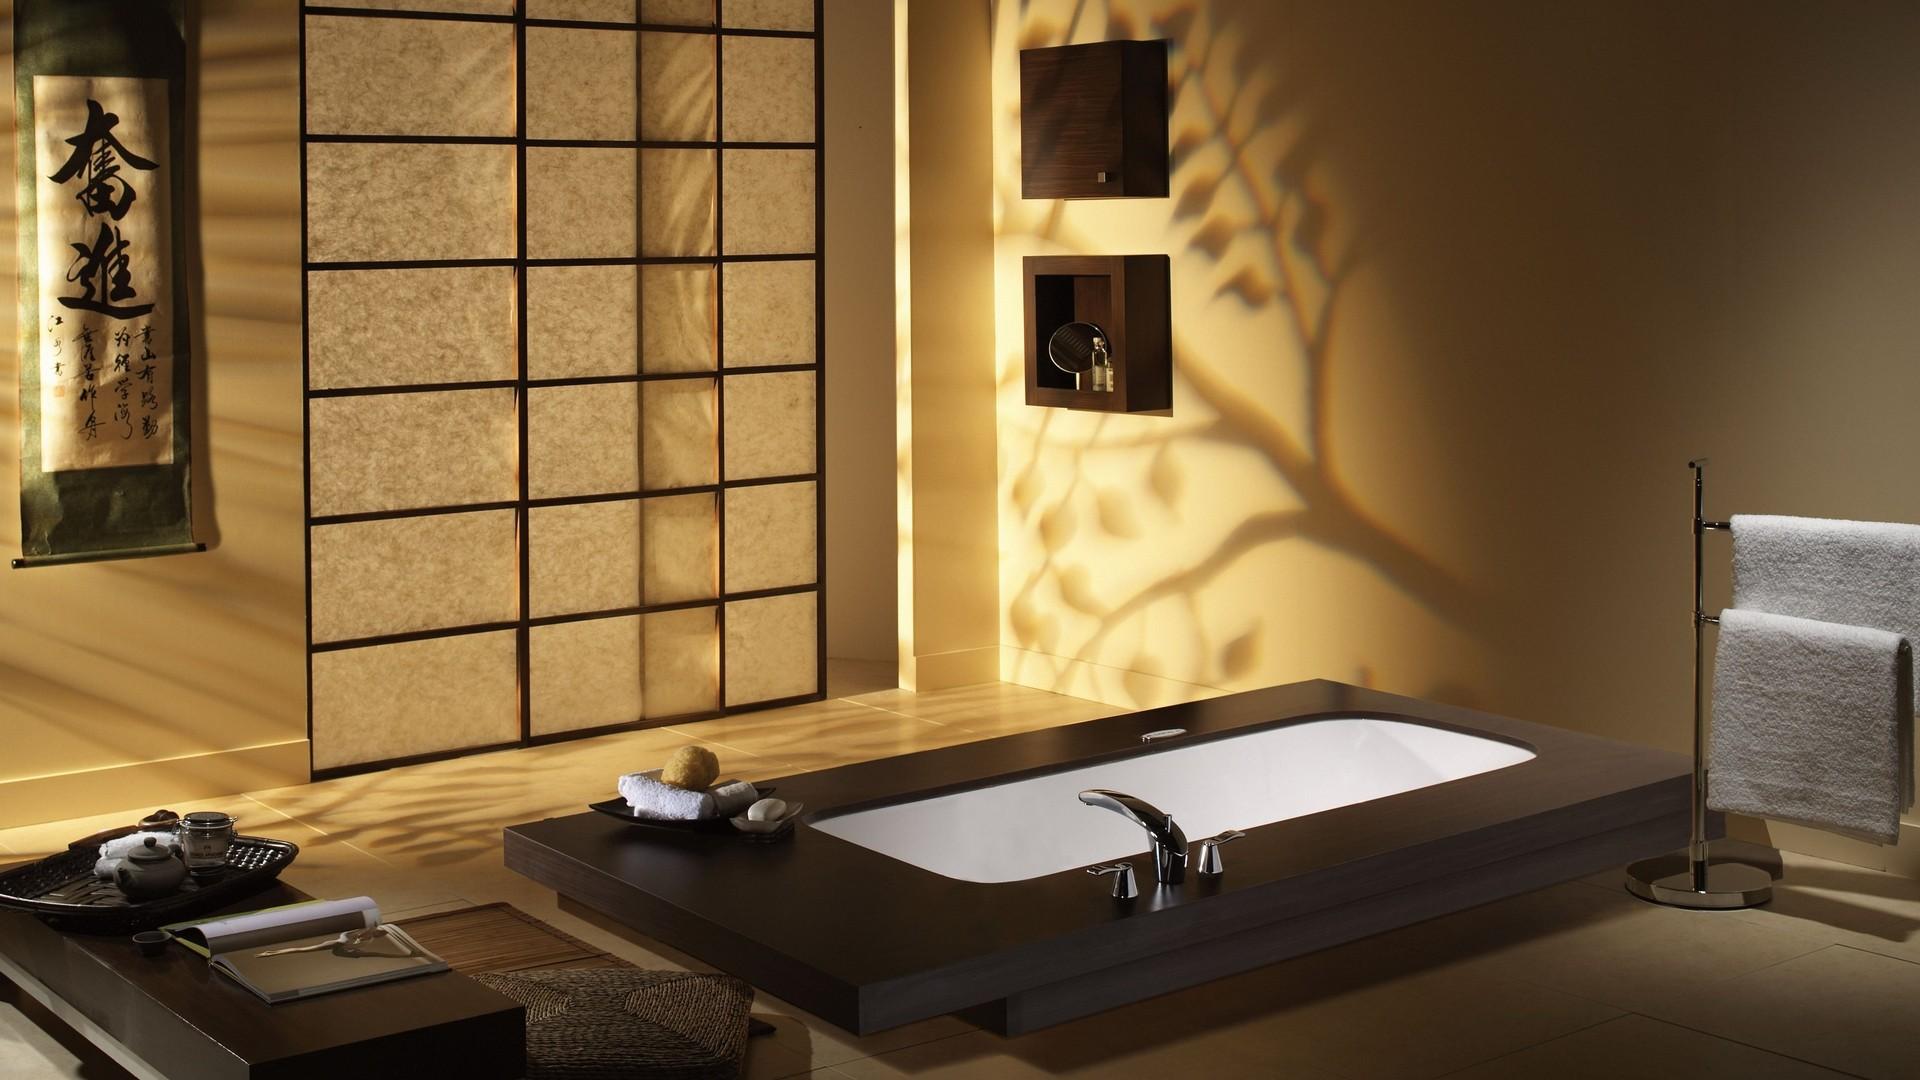 Vasca Da Bagno Giapponese : Arredamento in stile giapponese bagno giapponese salvarlaile